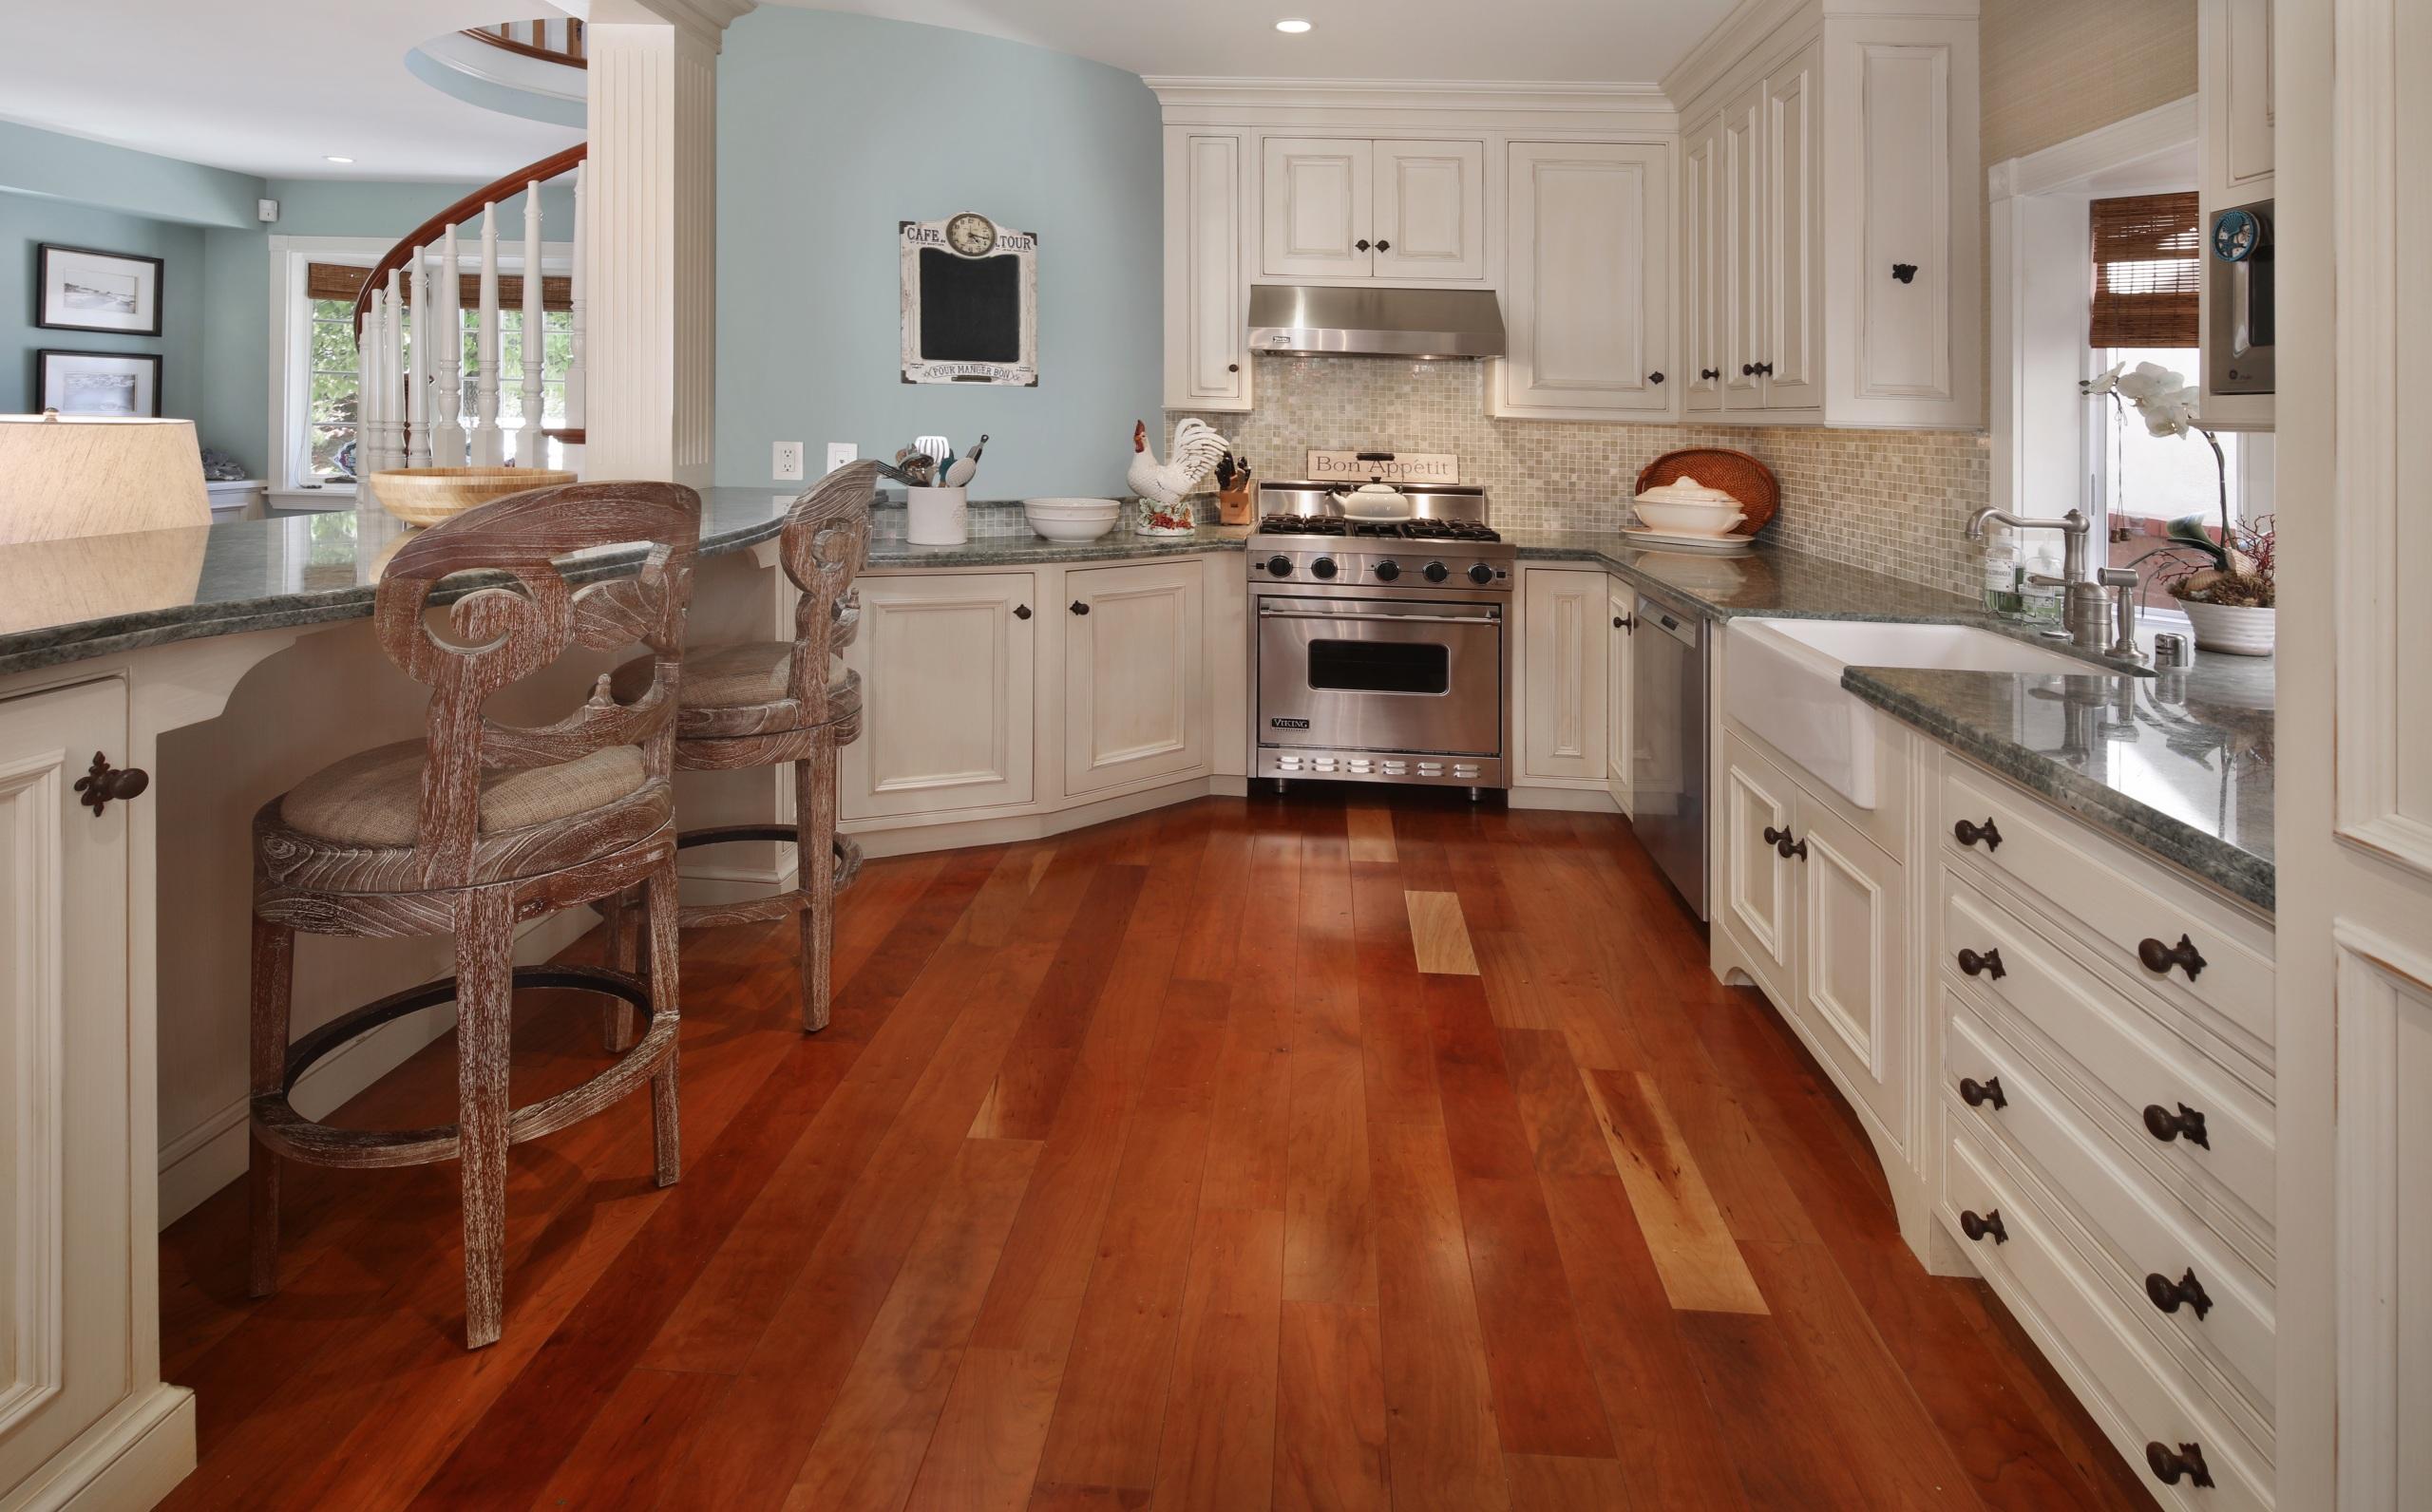 Фотографии кухни Интерьер стул Дизайн 2560x1592 Кухня Стулья дизайна